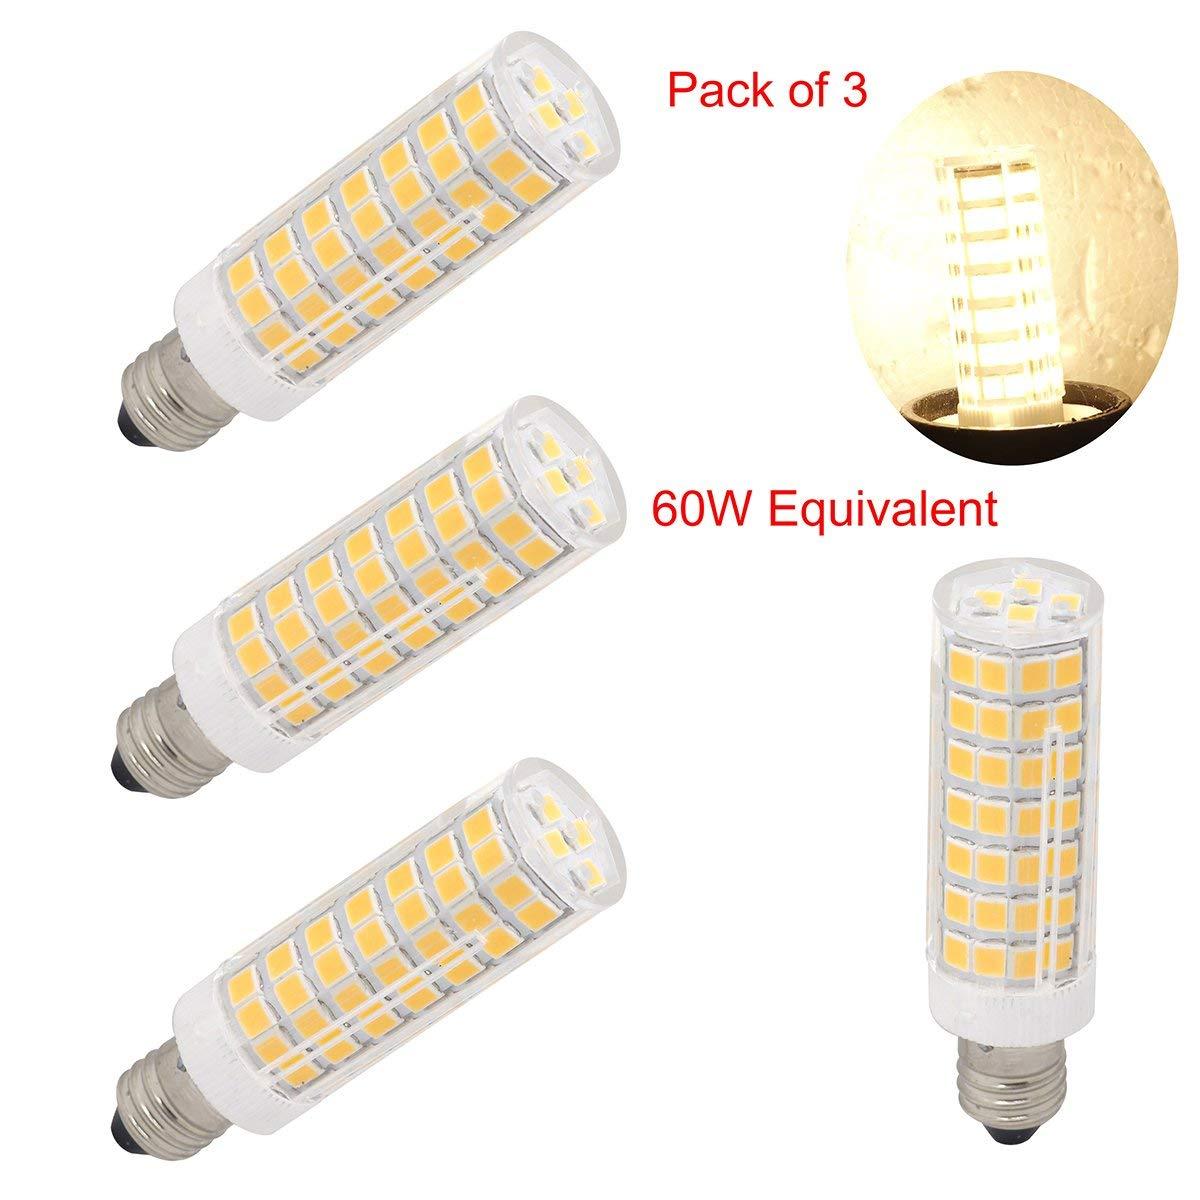 led e11 led light bulbs mini Candelabra base 120V jd t4 led light bulbs 6w, 60W 75W halogen bulbs replacement Warm white, Ceiling fan light-pack of 3 (Warm White 3000K)